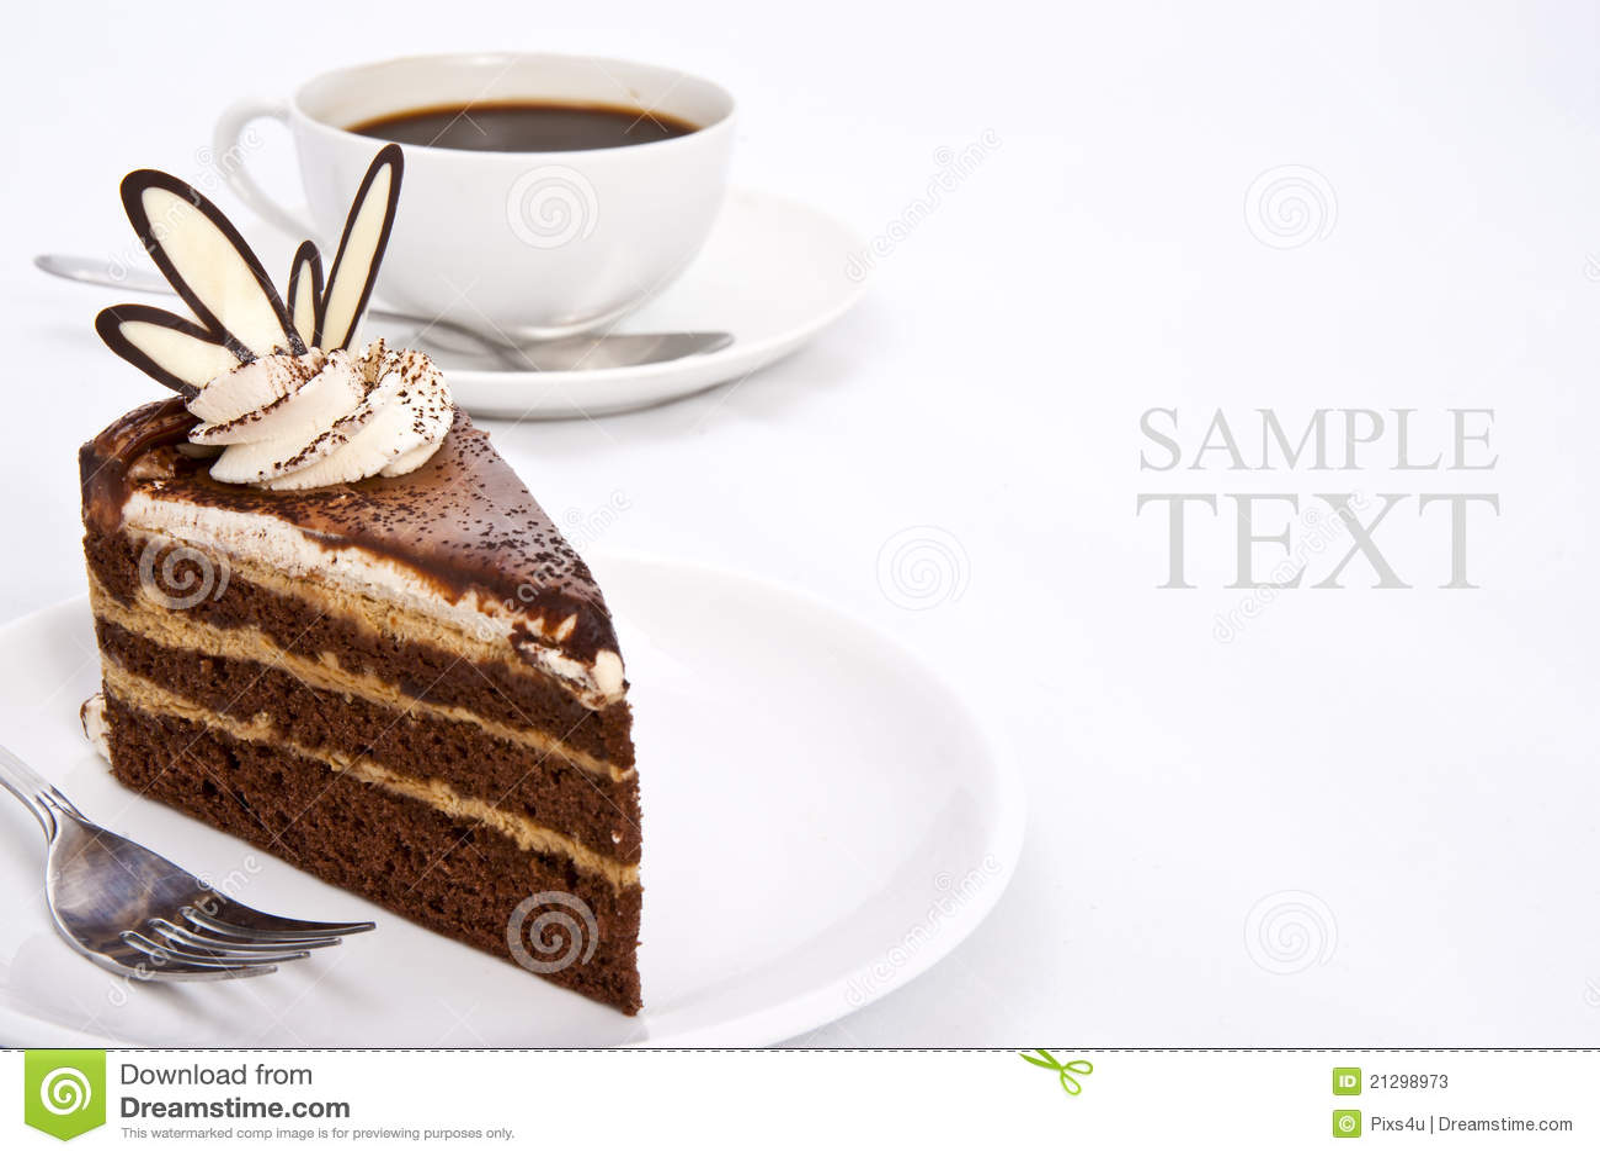 drei schichten schokoladen kuchen und espresso kaffee stockfotos bild 21298973. Black Bedroom Furniture Sets. Home Design Ideas